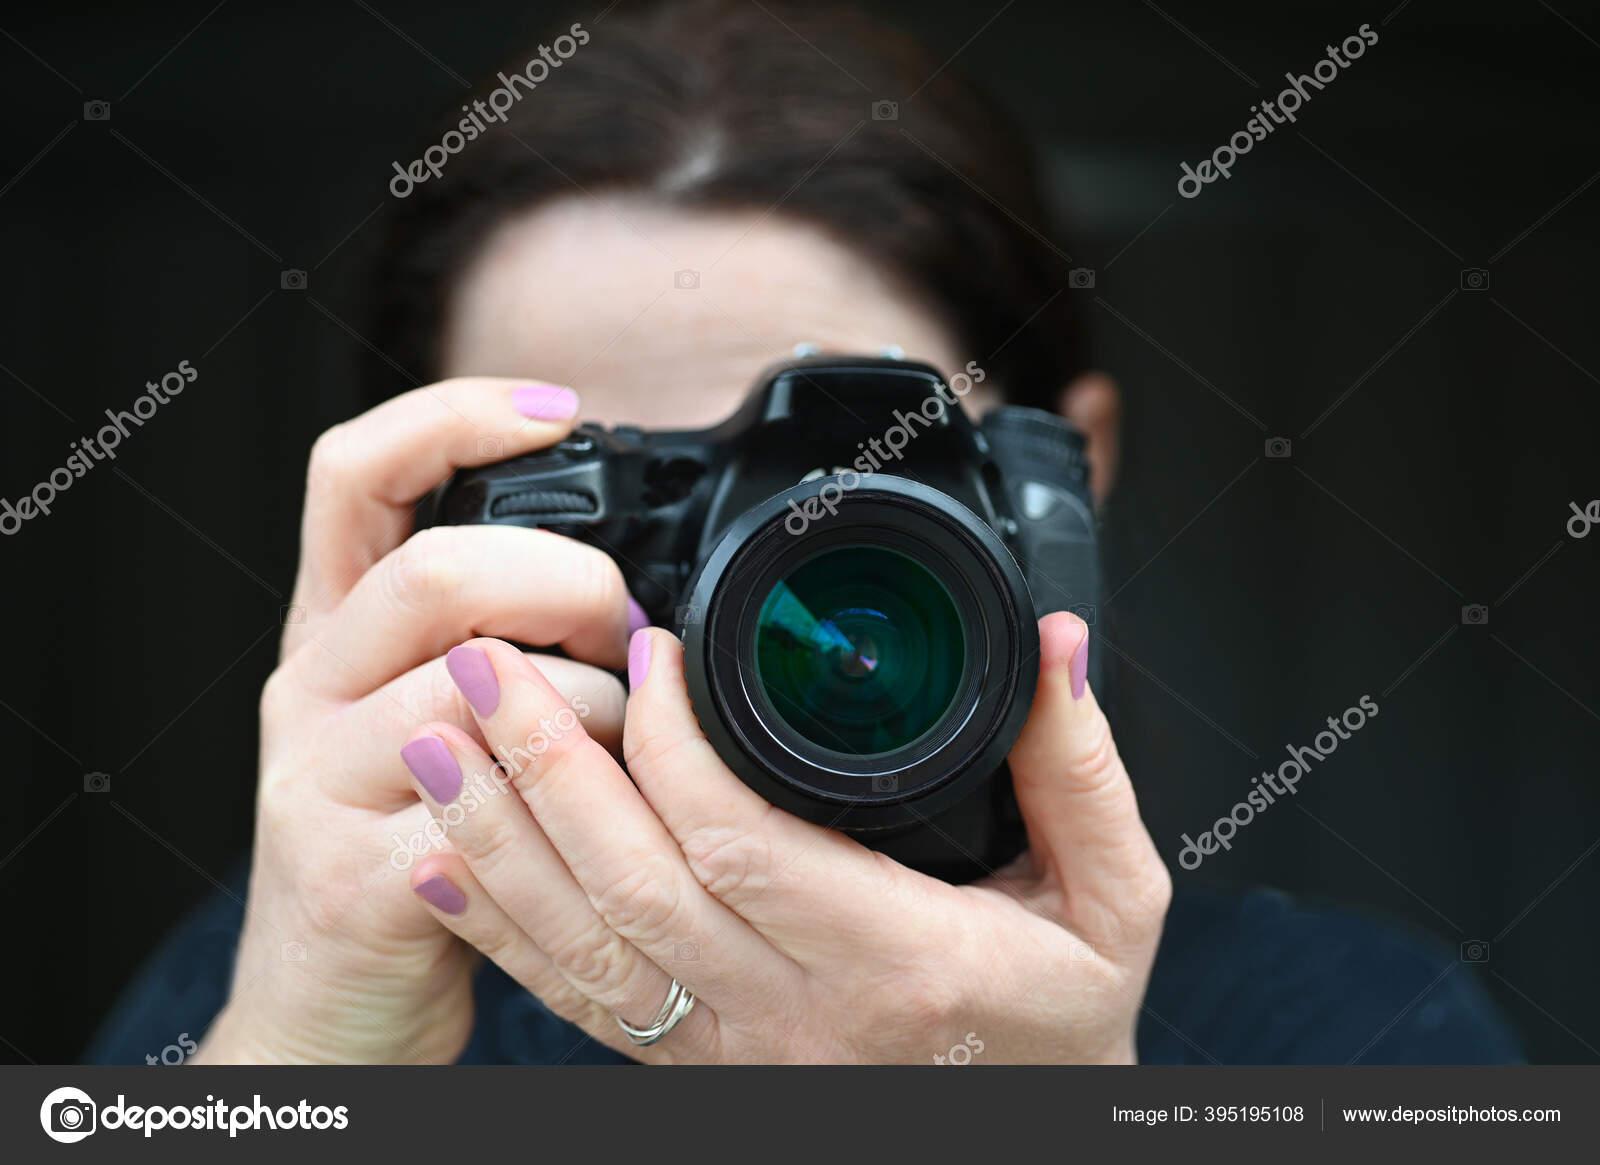 попробуем разобраться, камера фотографирует но нет изображения сказочку